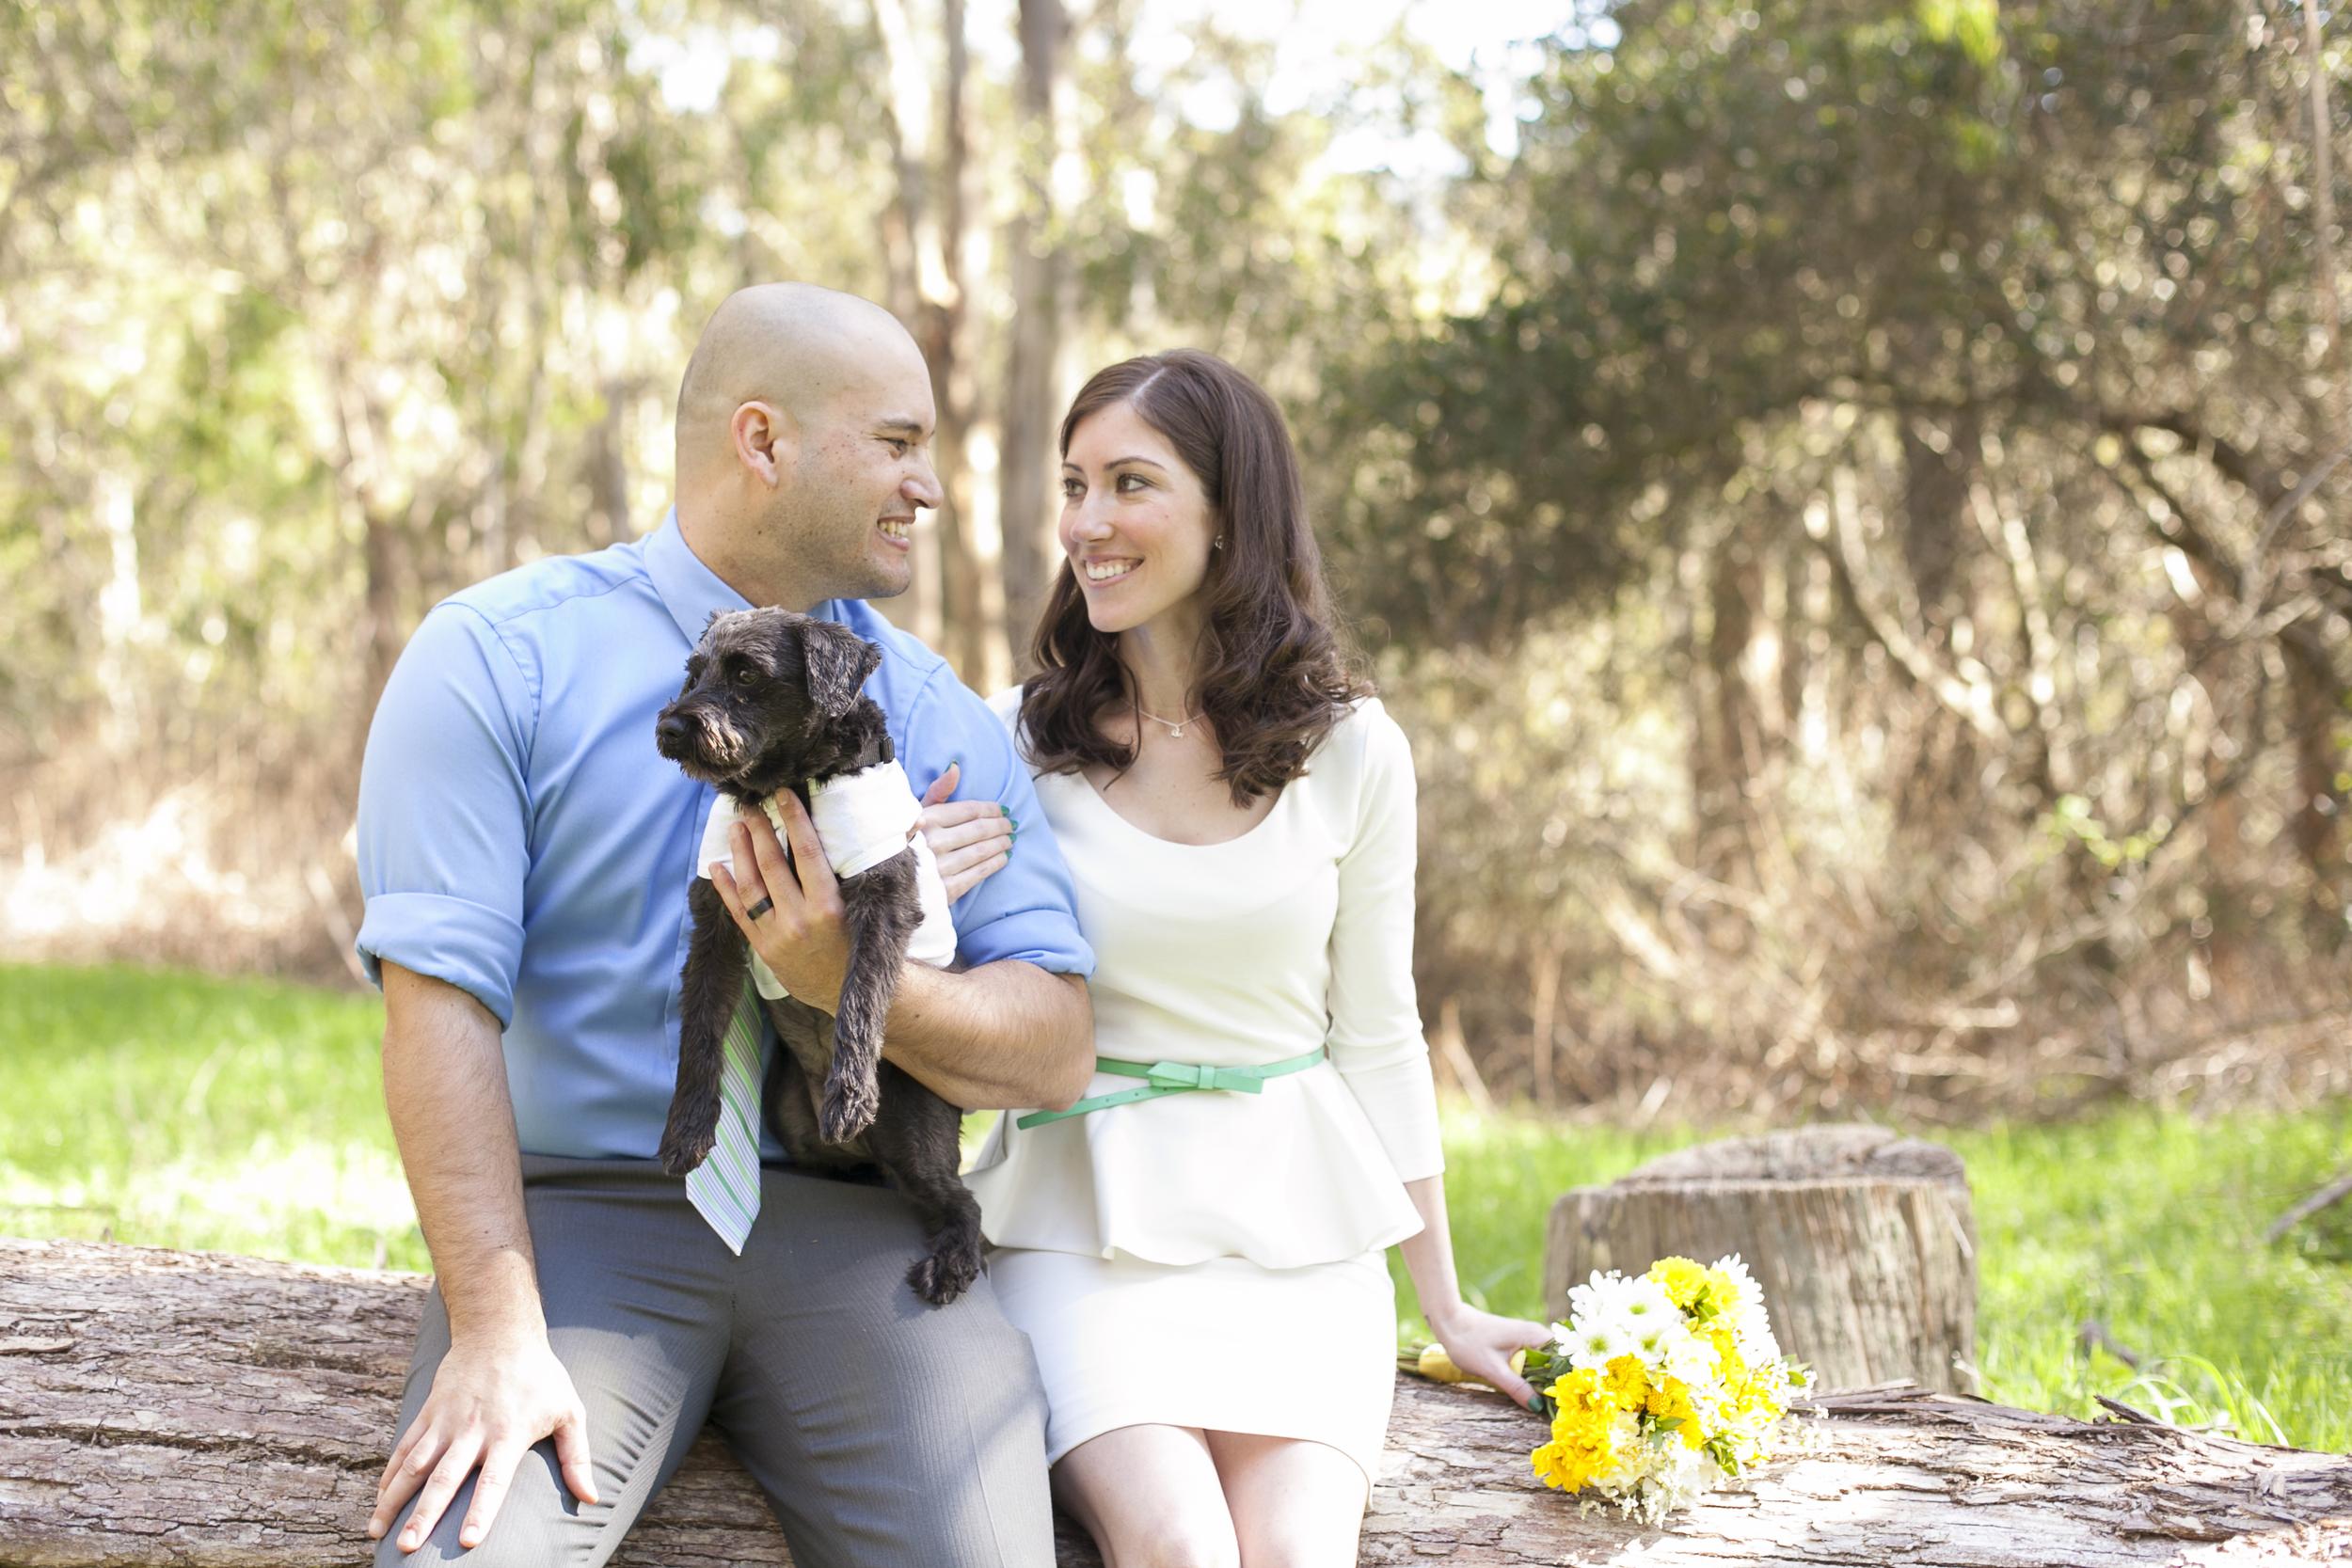 Tilden Park Berkeley Wedding Photographer-Meo Baaklini043.jpg